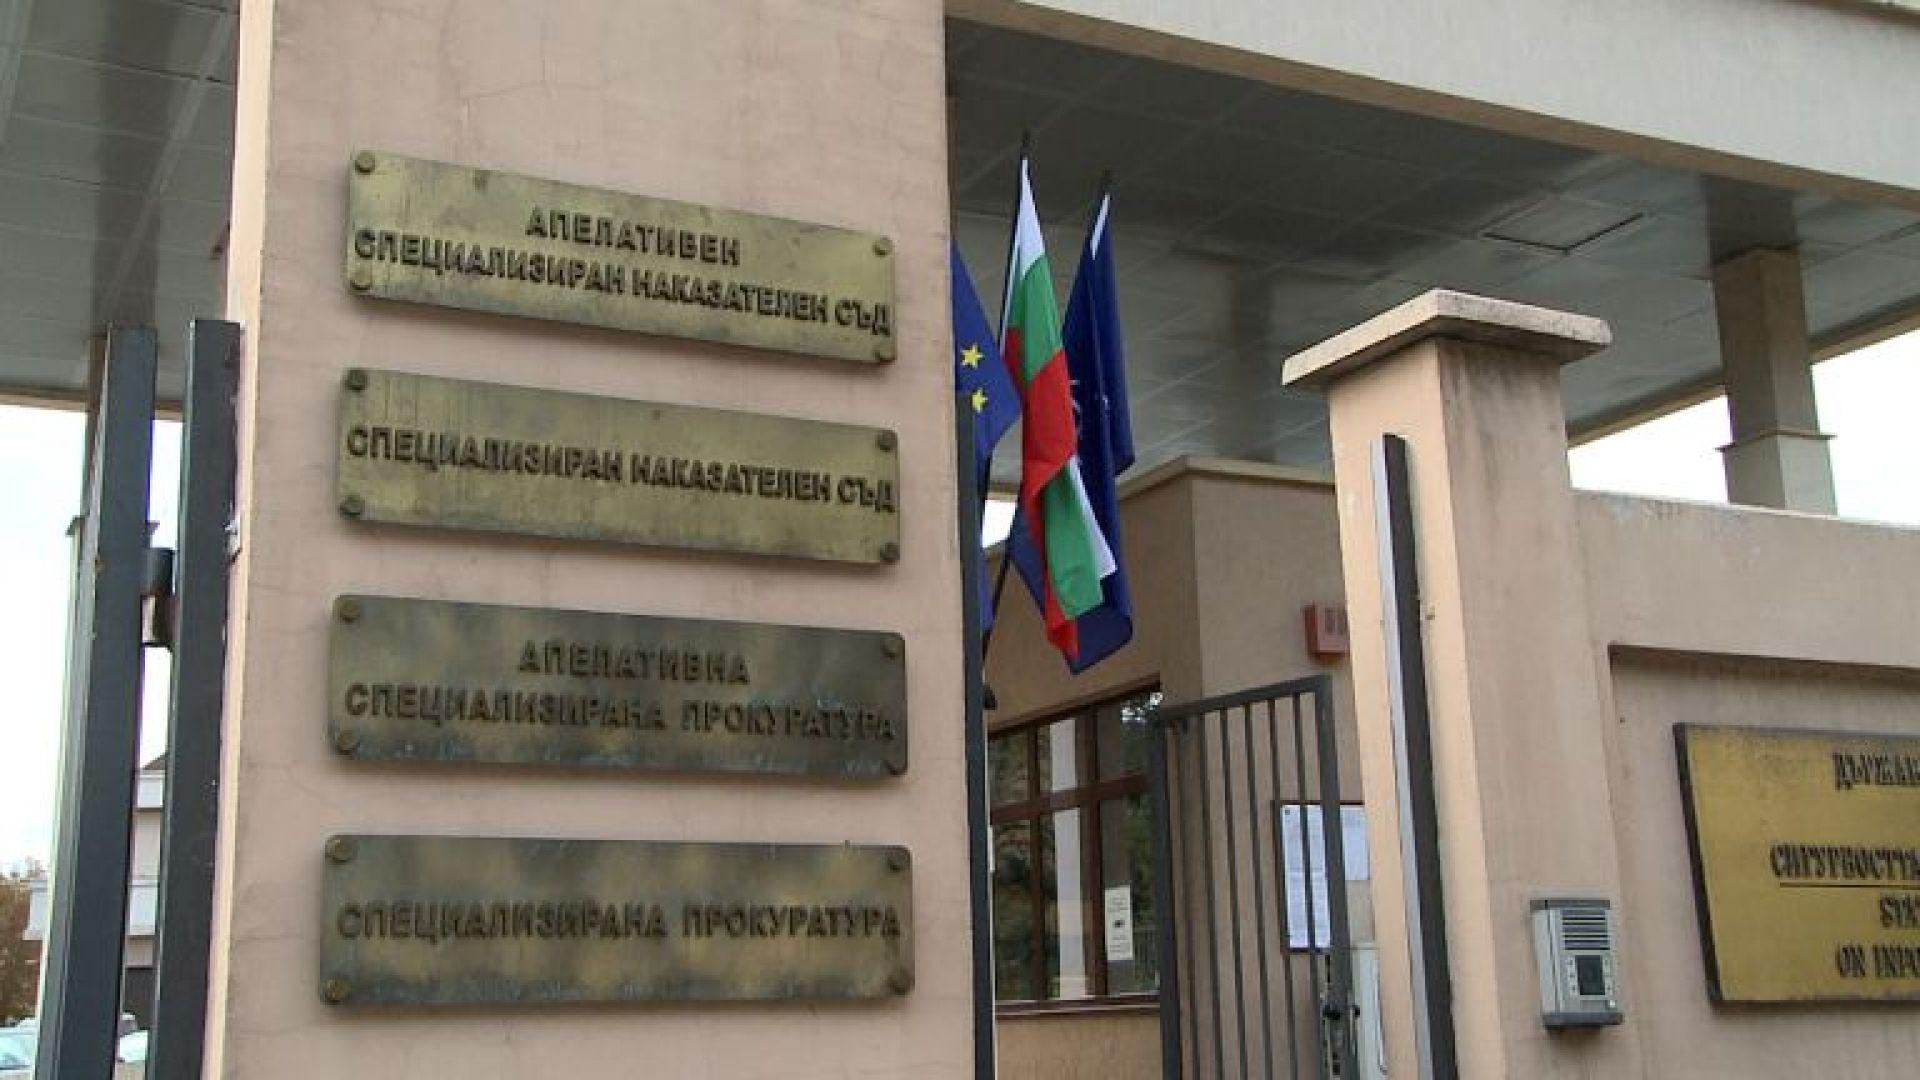 Бившият прокурор на Кнежа получи една година условно за длъжностно престъпление